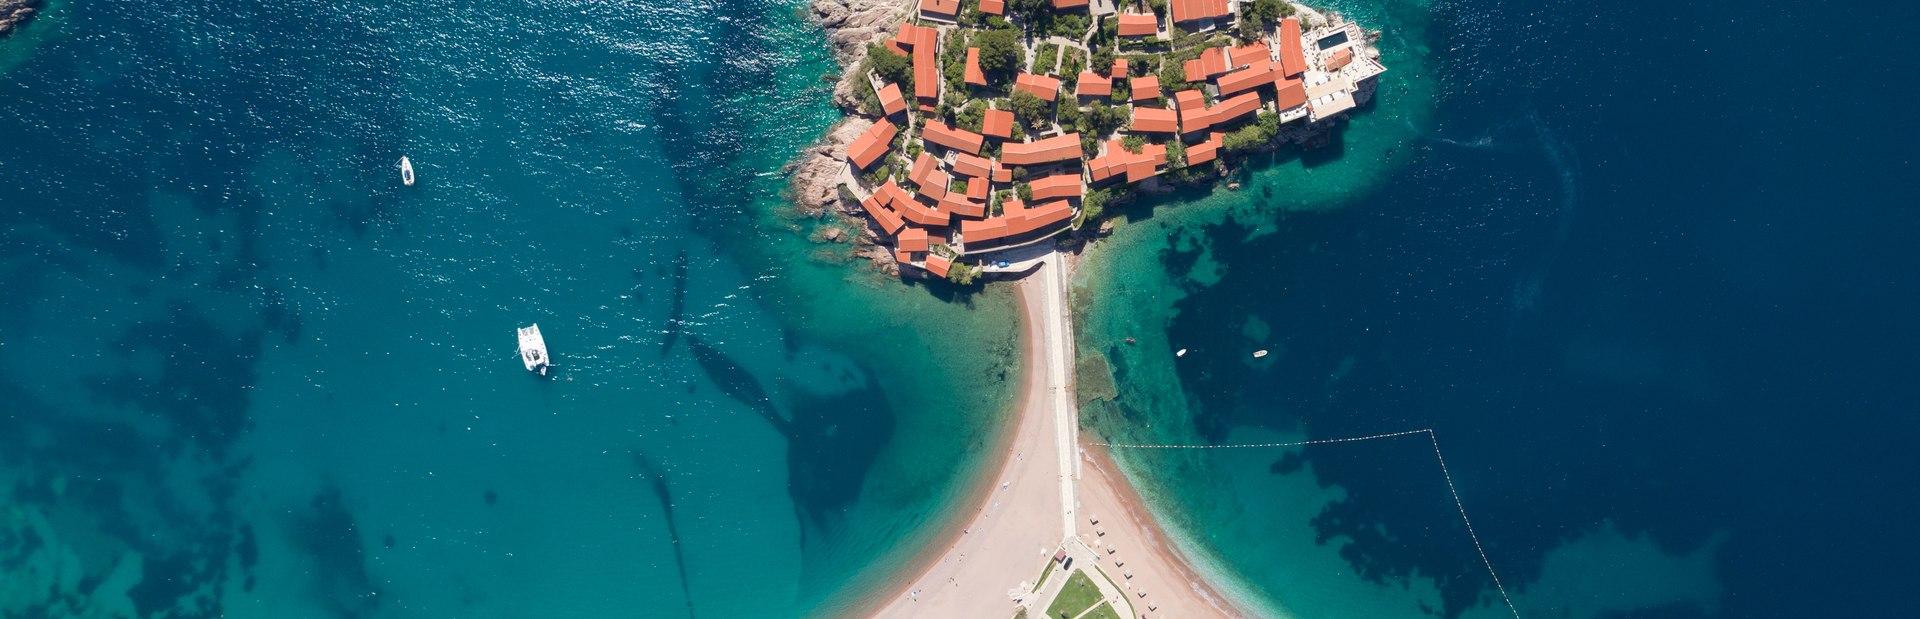 Sveti Stefan Peninsula Image 1